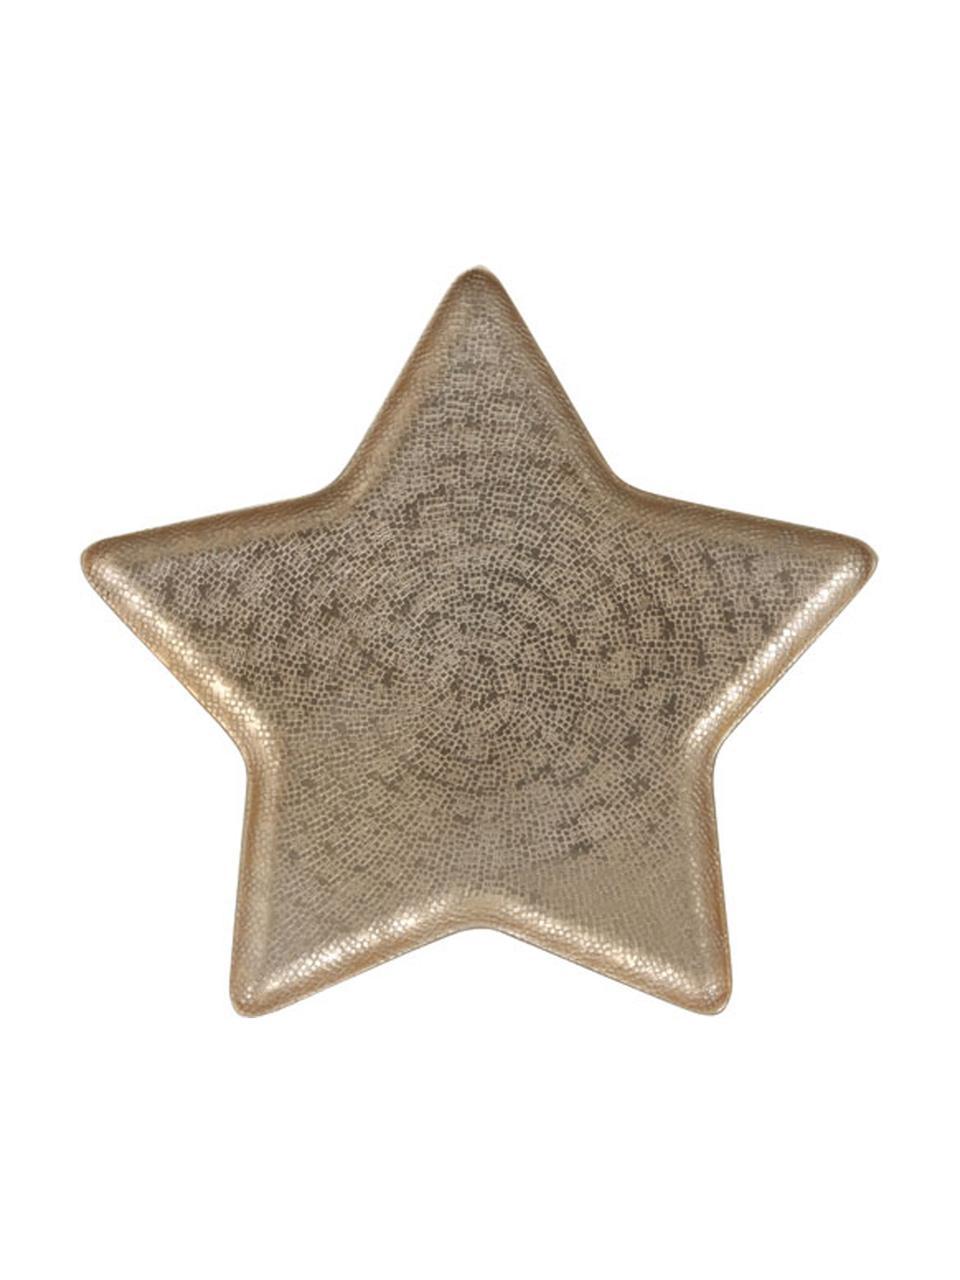 Deko-Schale Star, Aluminium, beschichtet, Messingfarben, matt, 33 x 2 cm